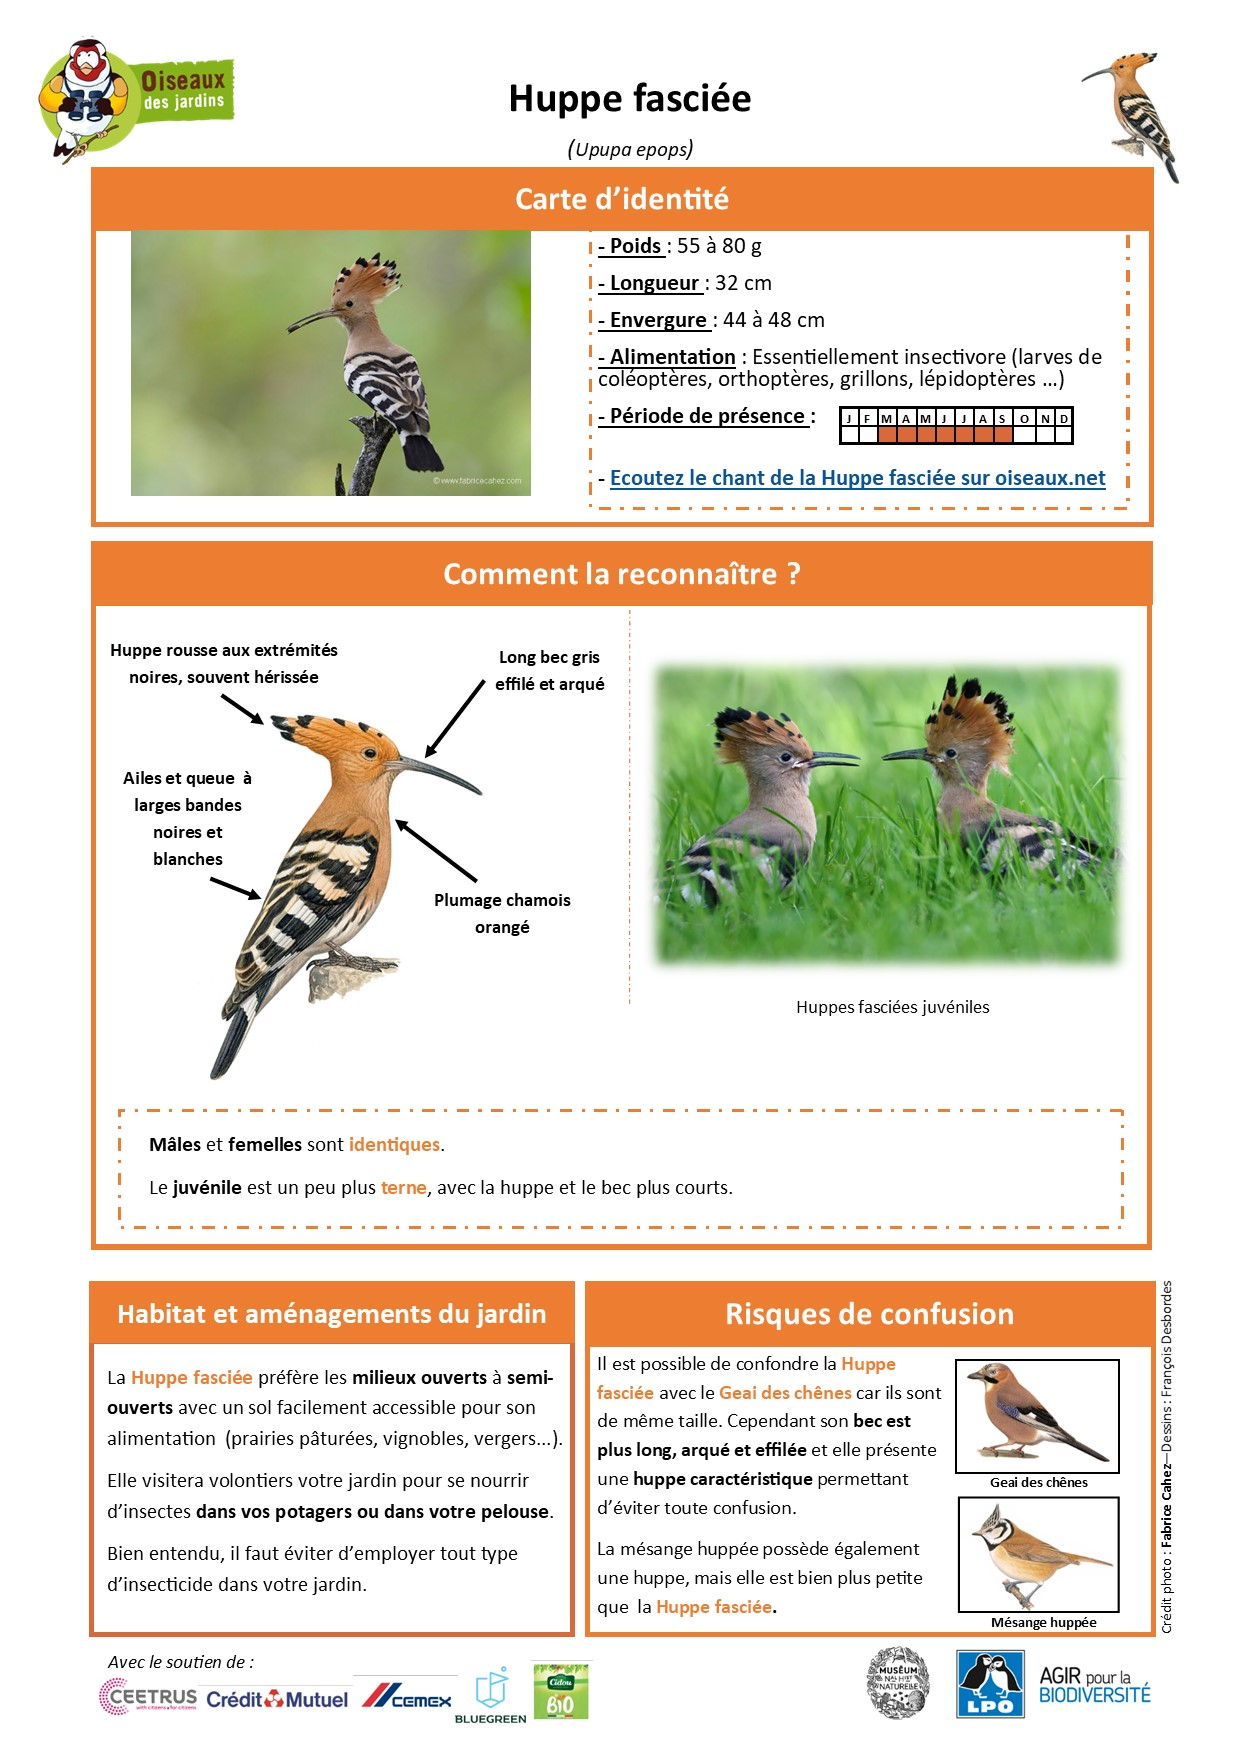 https://cdnfiles1.biolovision.net/www.oiseauxdesjardins.fr/userfiles/Fichesespces/FicheespceHFA-Compress.jpg